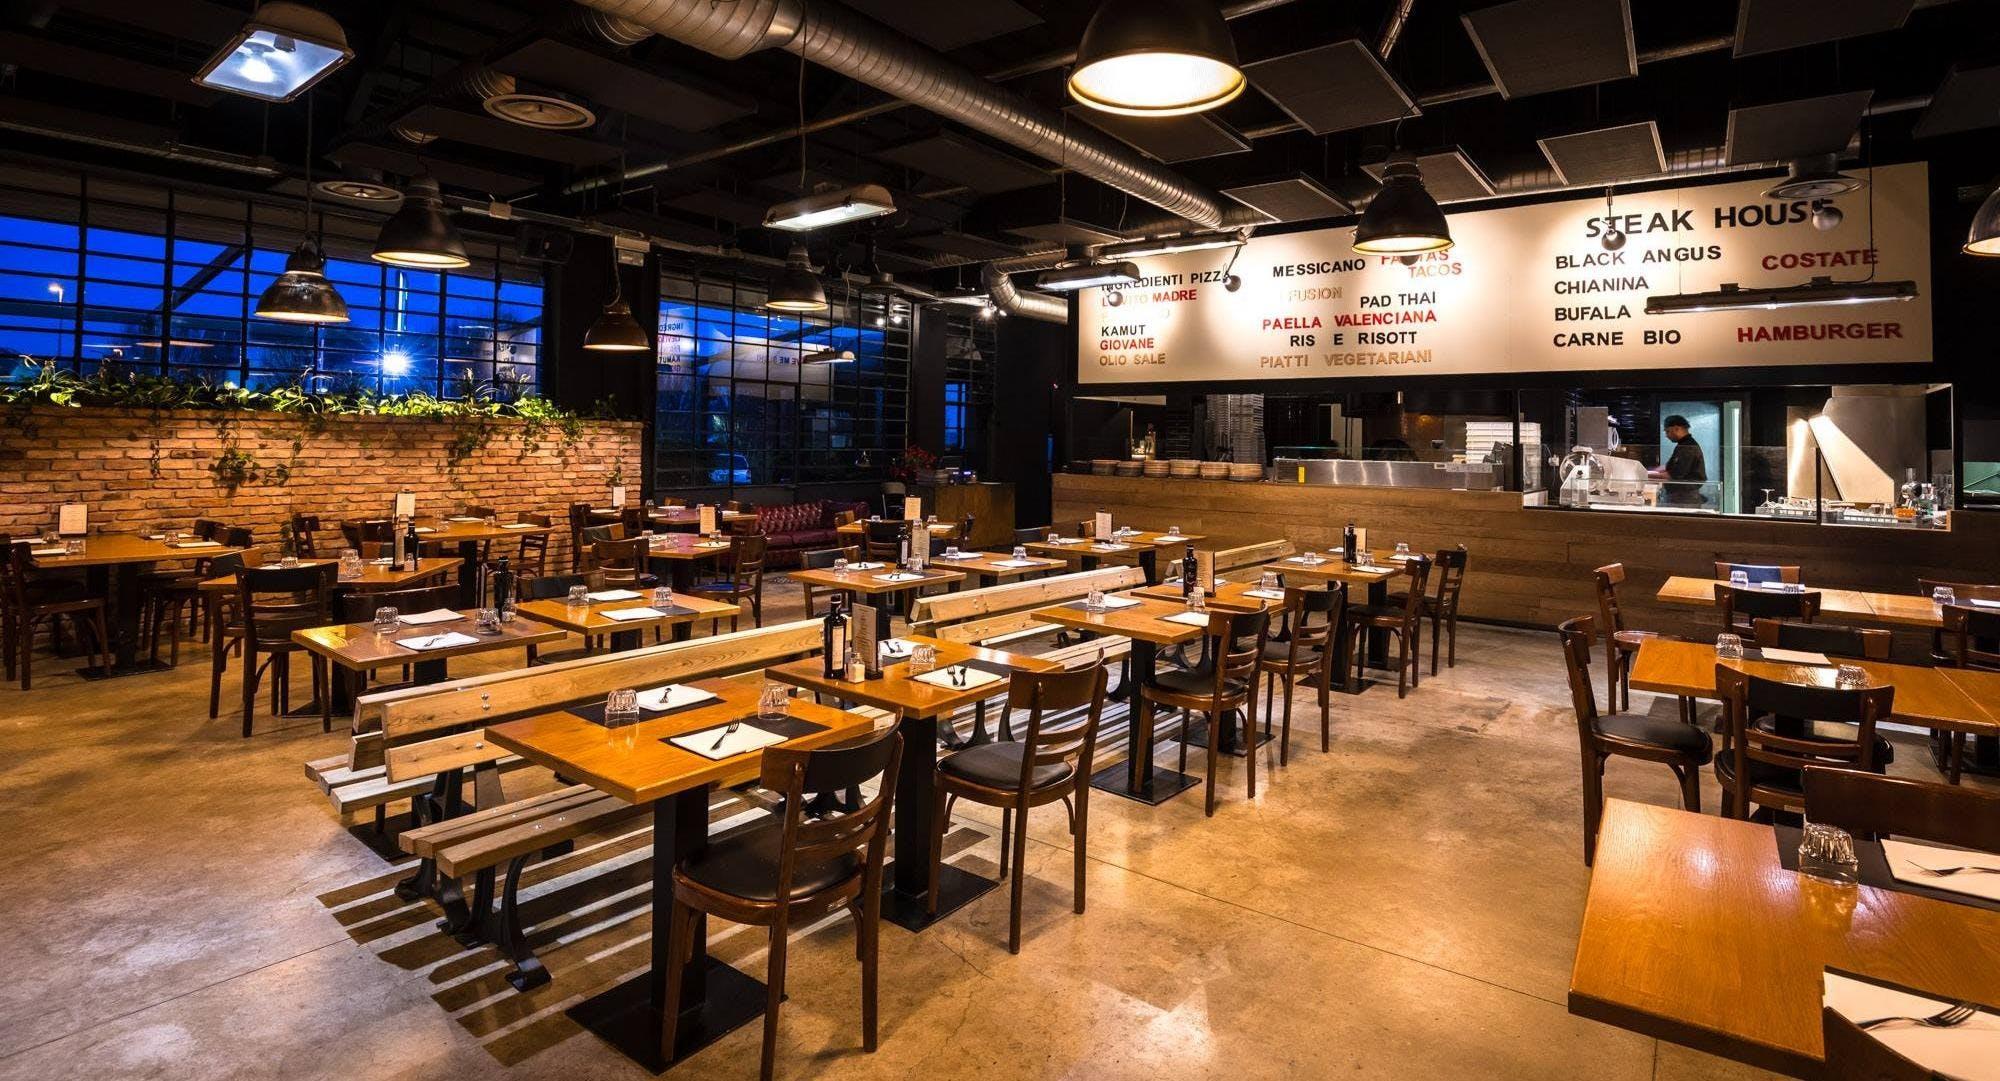 Please - Antigua Restaurants Monza and Brianza image 1